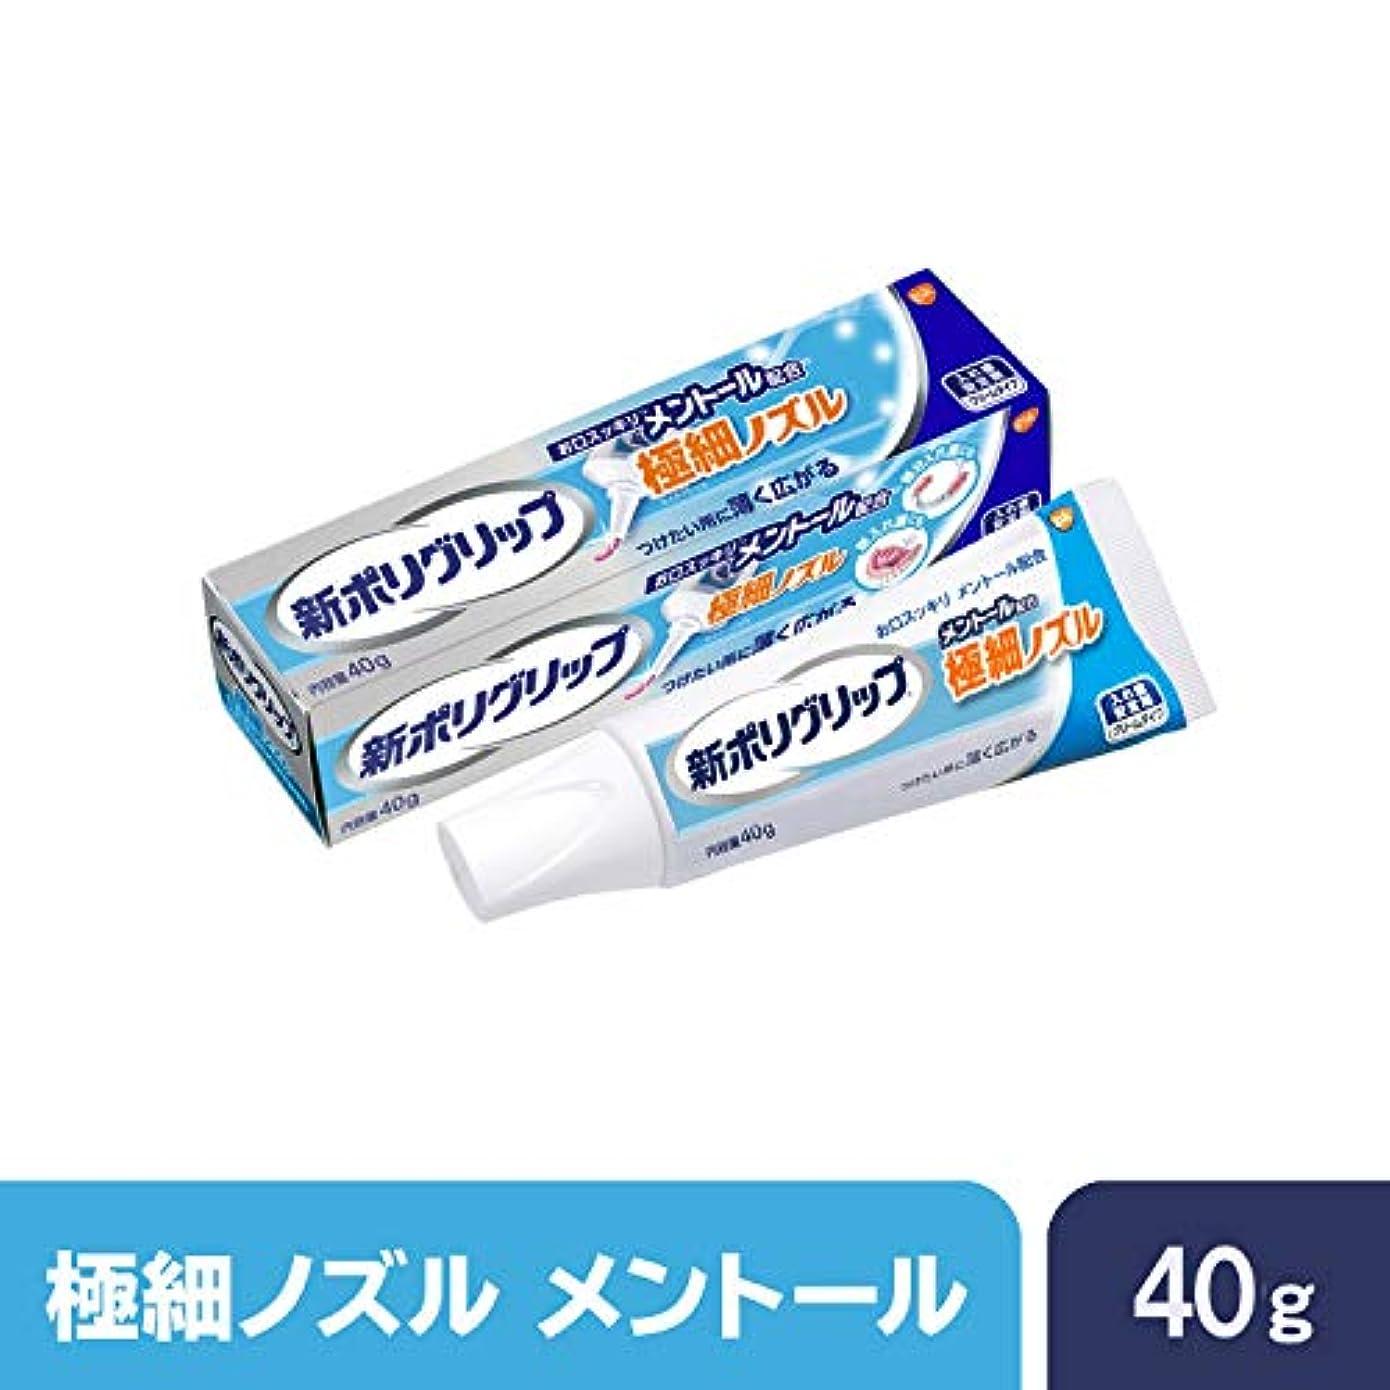 特別に真実にピーブ部分?総入れ歯安定剤 新ポリグリップ極細ノズル メントール 40g